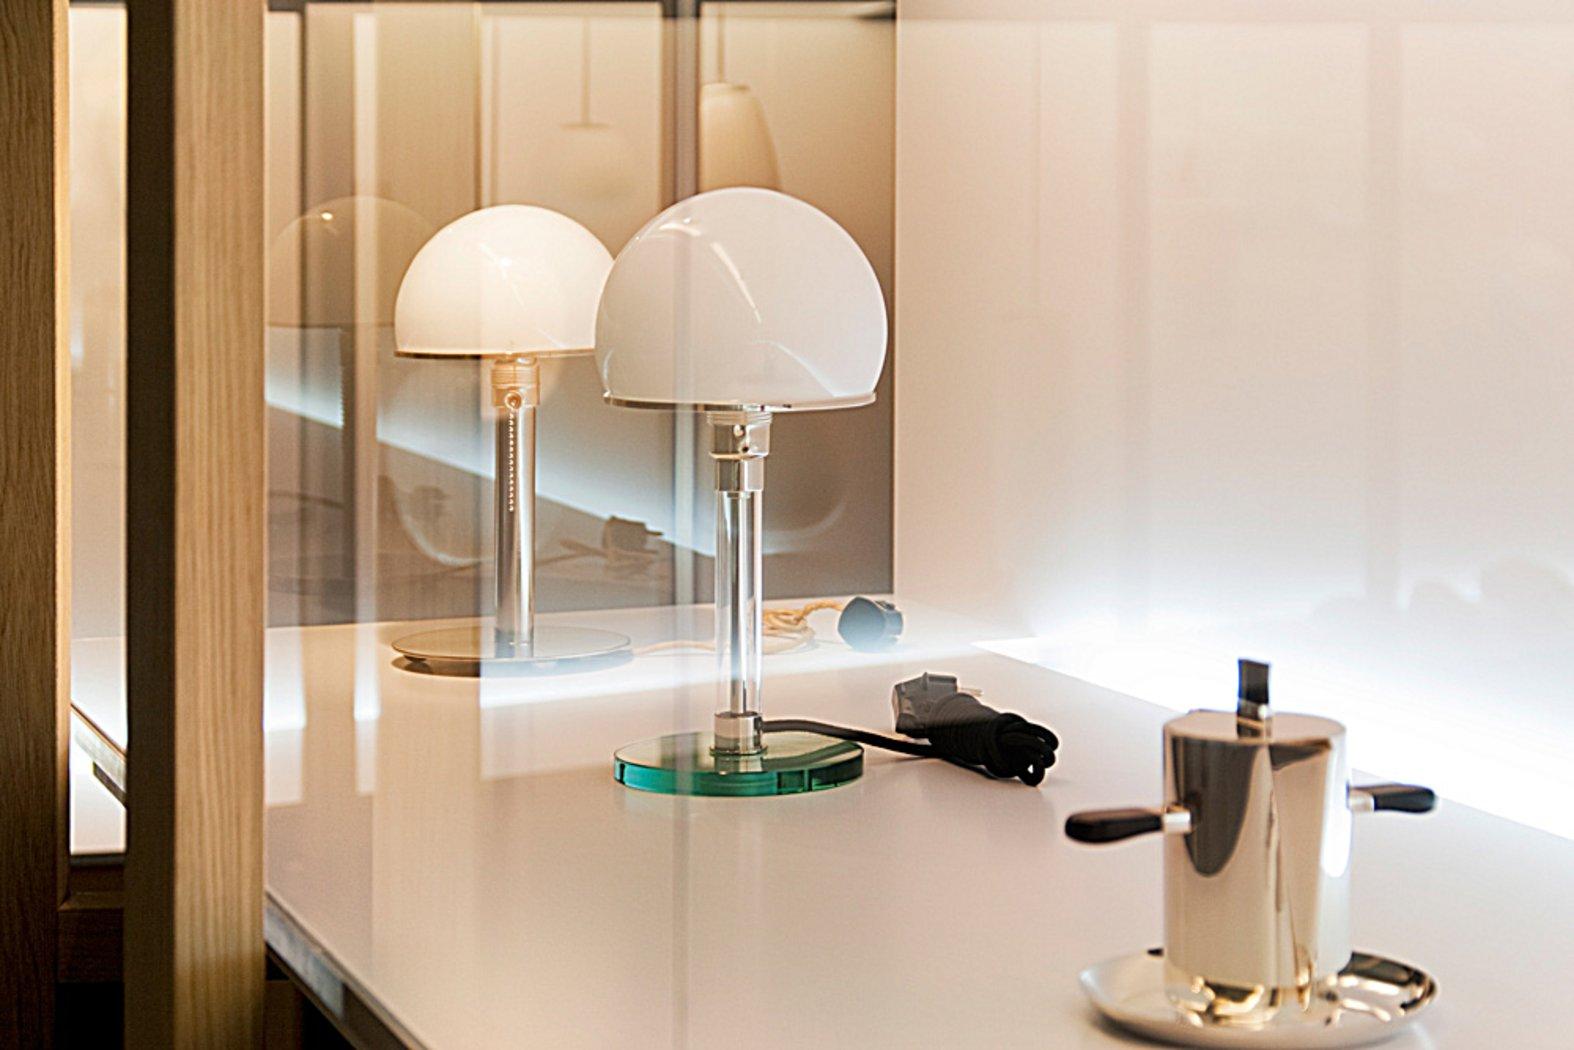 wilhelm wagenfeld weiterwirken in die zeit hinein stiftung bauhaus dessau bauhaus dessau. Black Bedroom Furniture Sets. Home Design Ideas